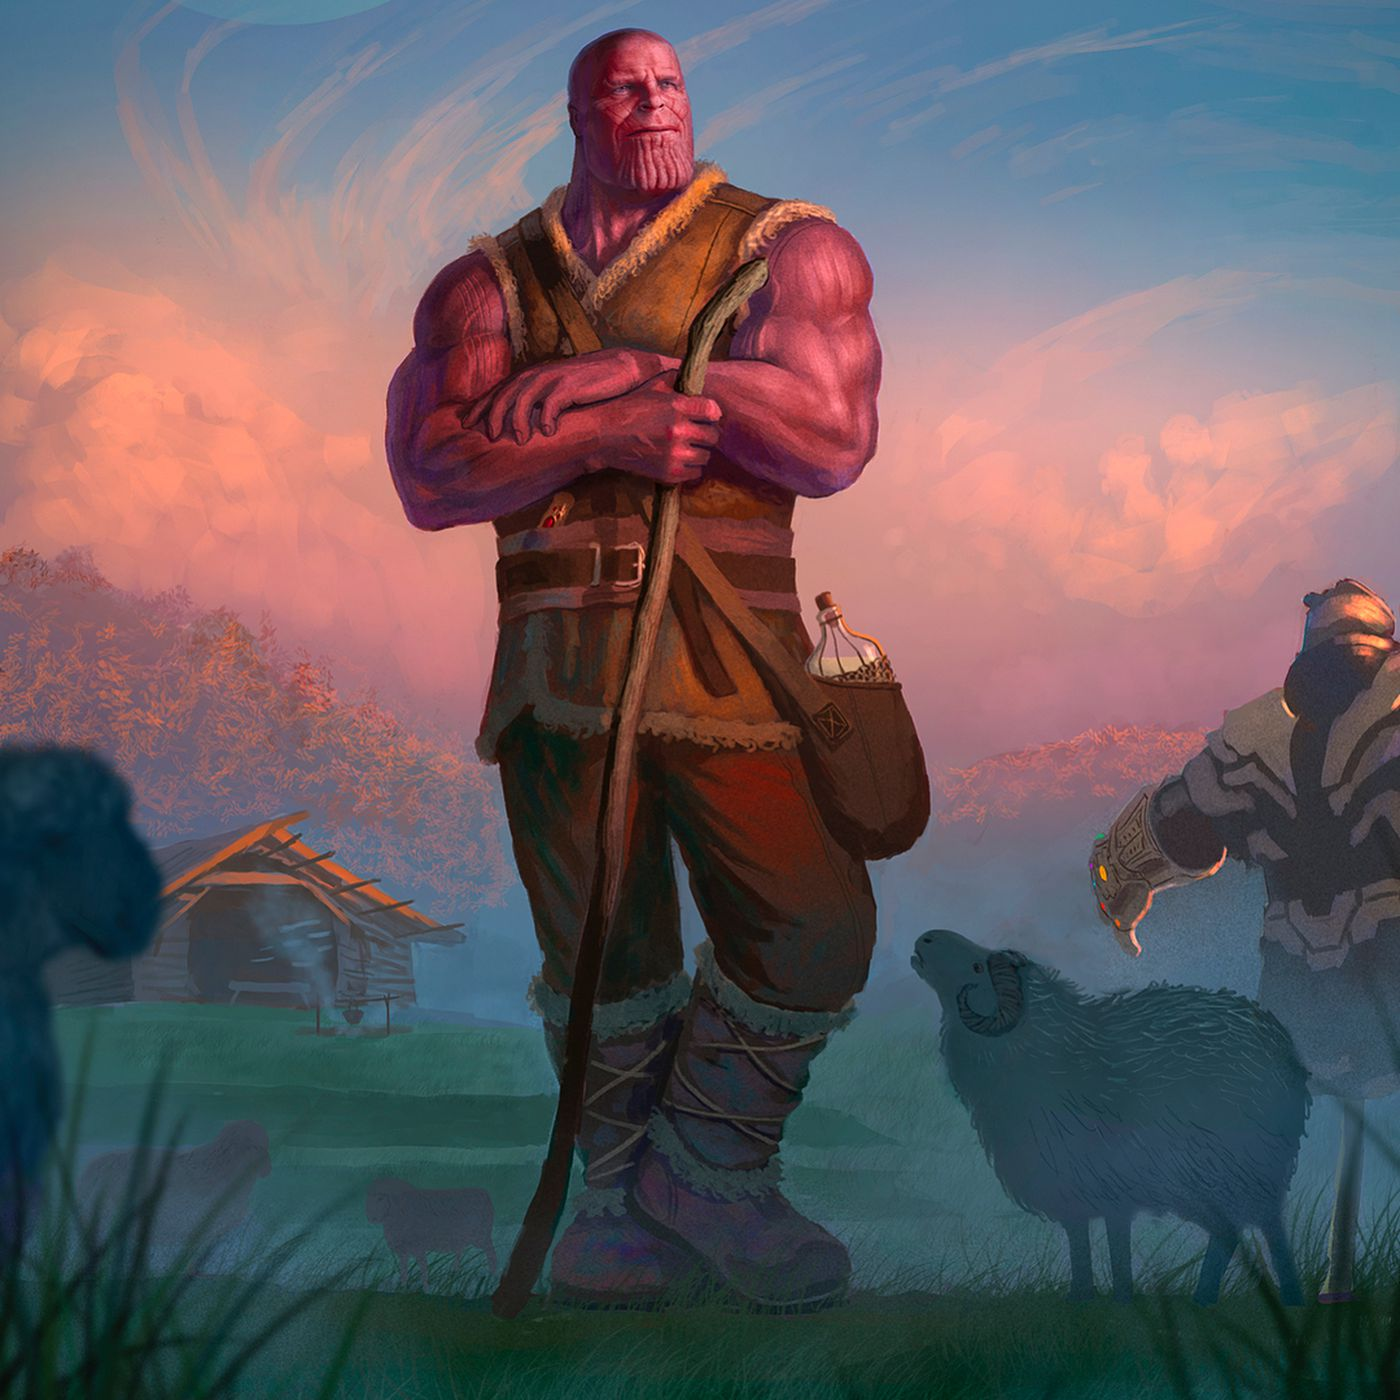 Avengers: Endgame endings: fans imagine other 14 million outcomes